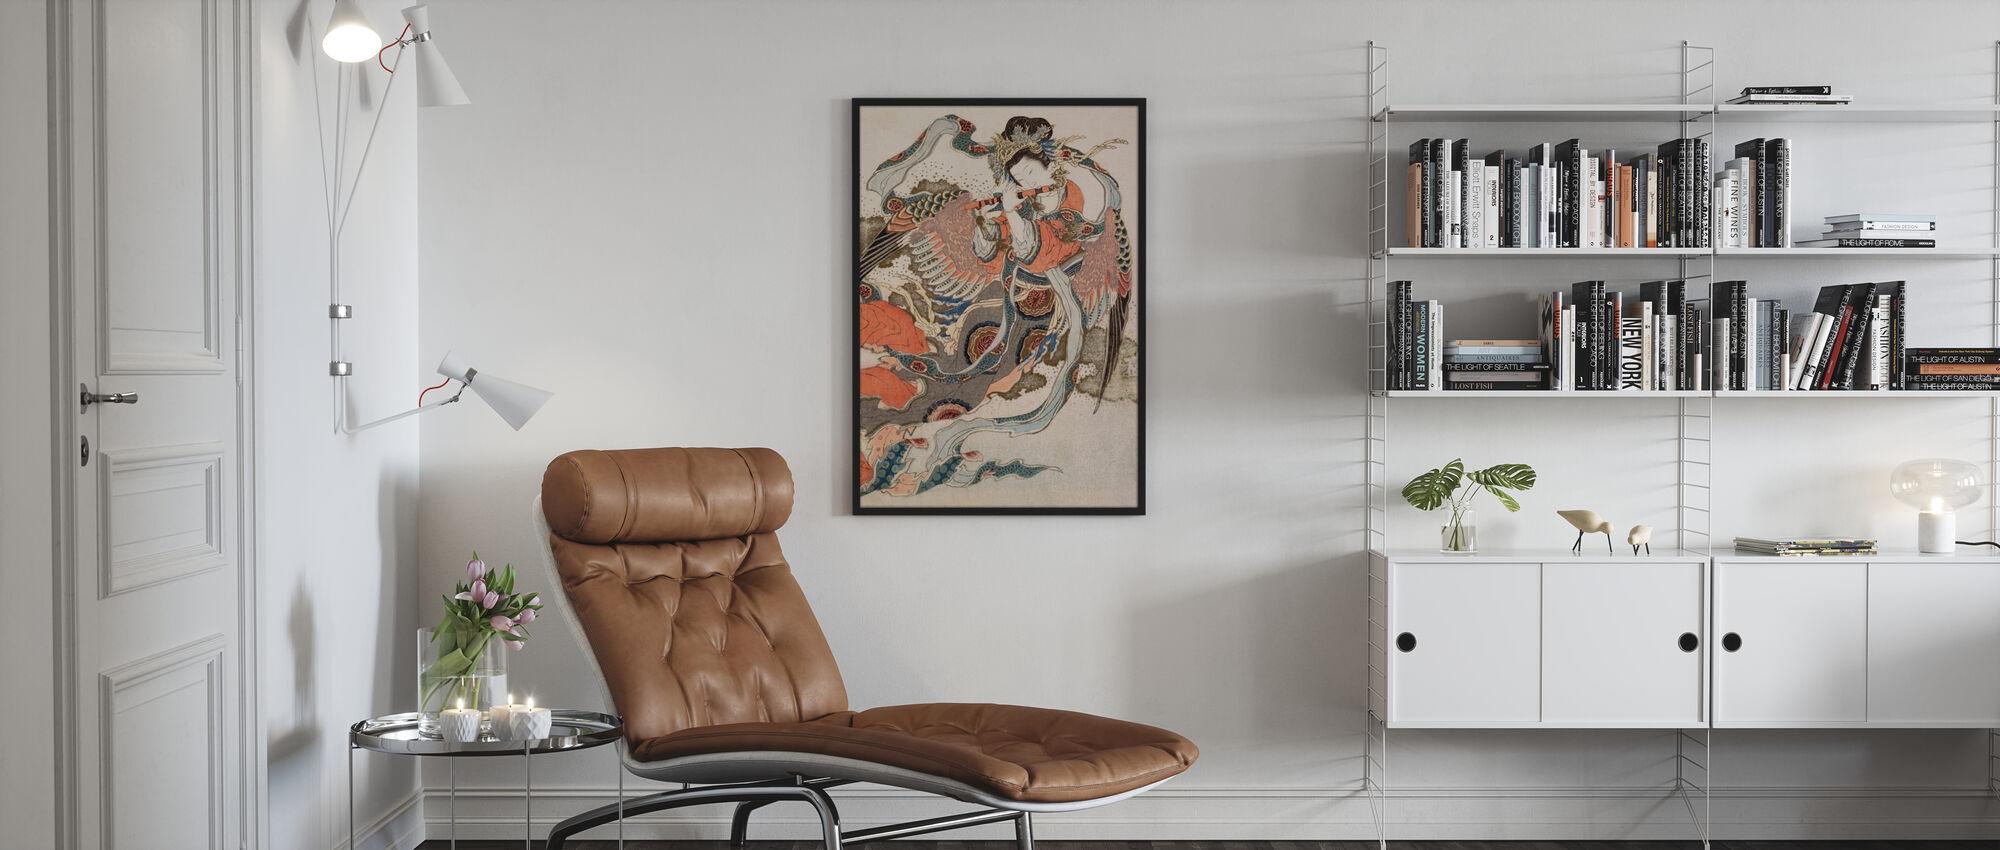 Asiatischer Engel - Gerahmtes bild - Wohnzimmer